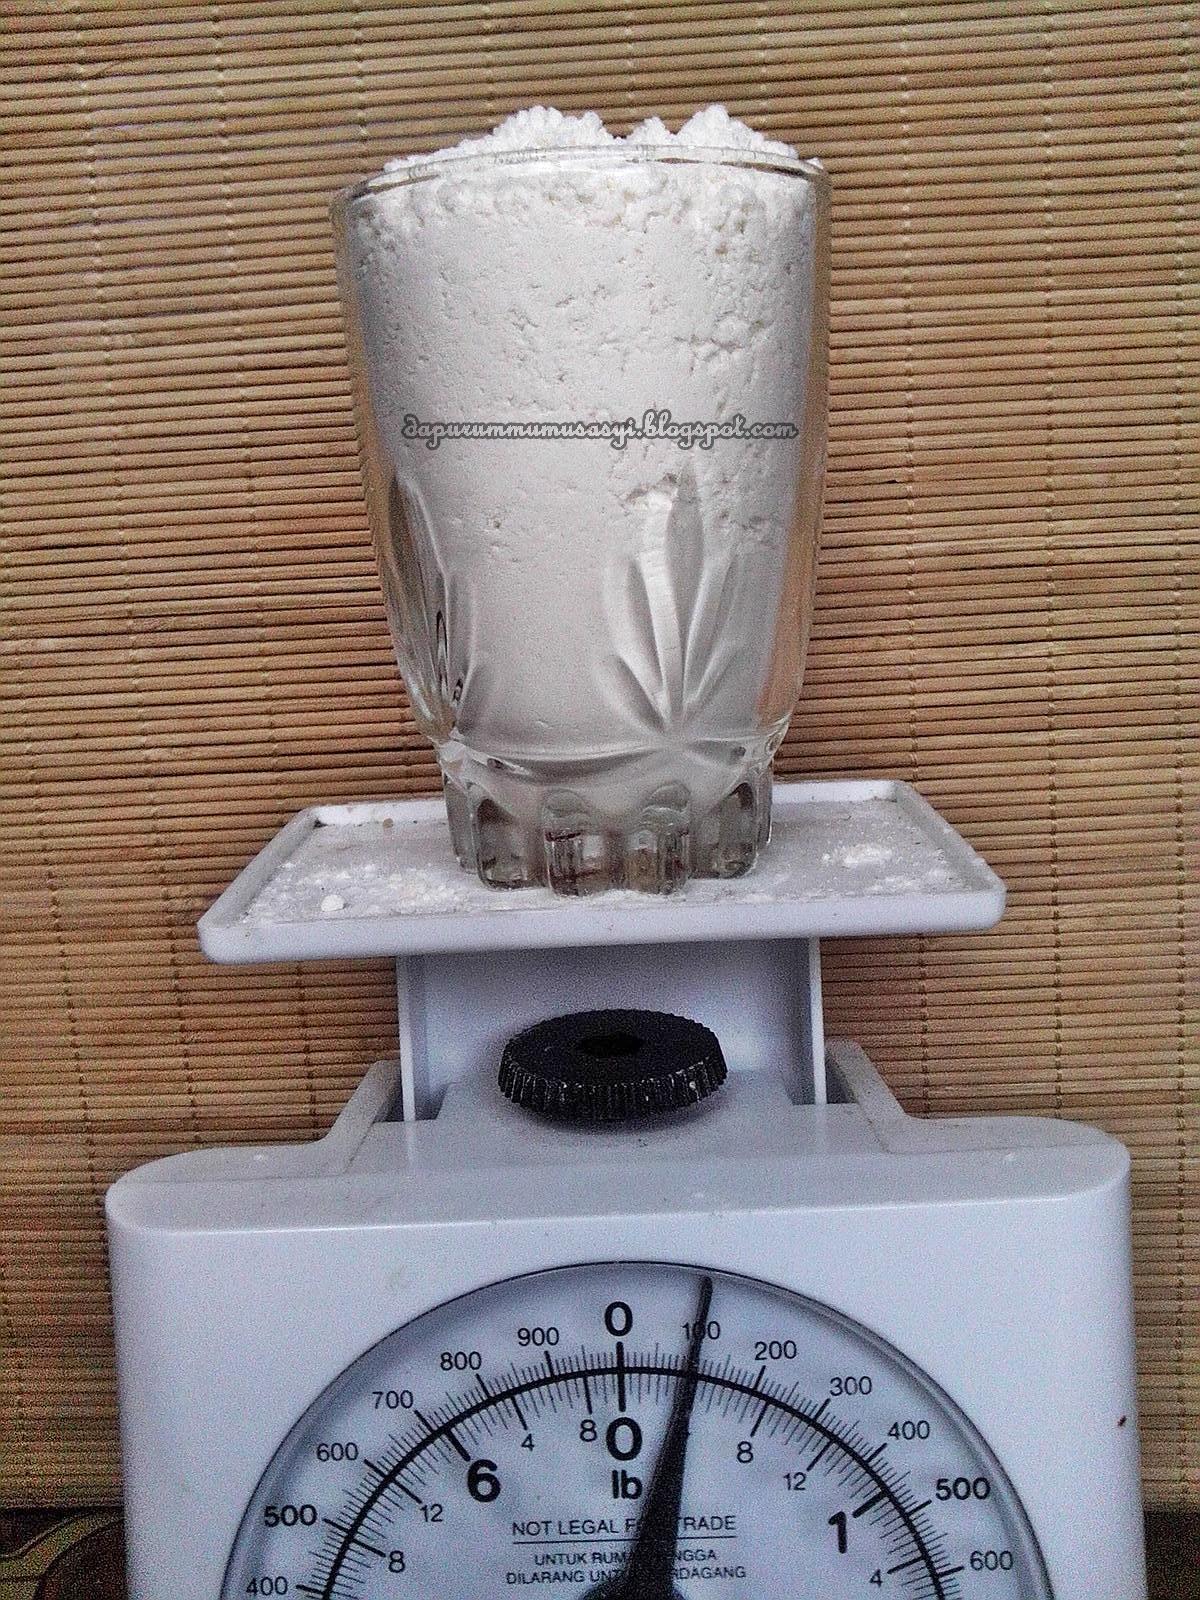 250 Gr Berapa Gelas : berapa, gelas, Gambar, Kitchen, Konversi, Gelas, Belimbing, Kurleb, Rebanas